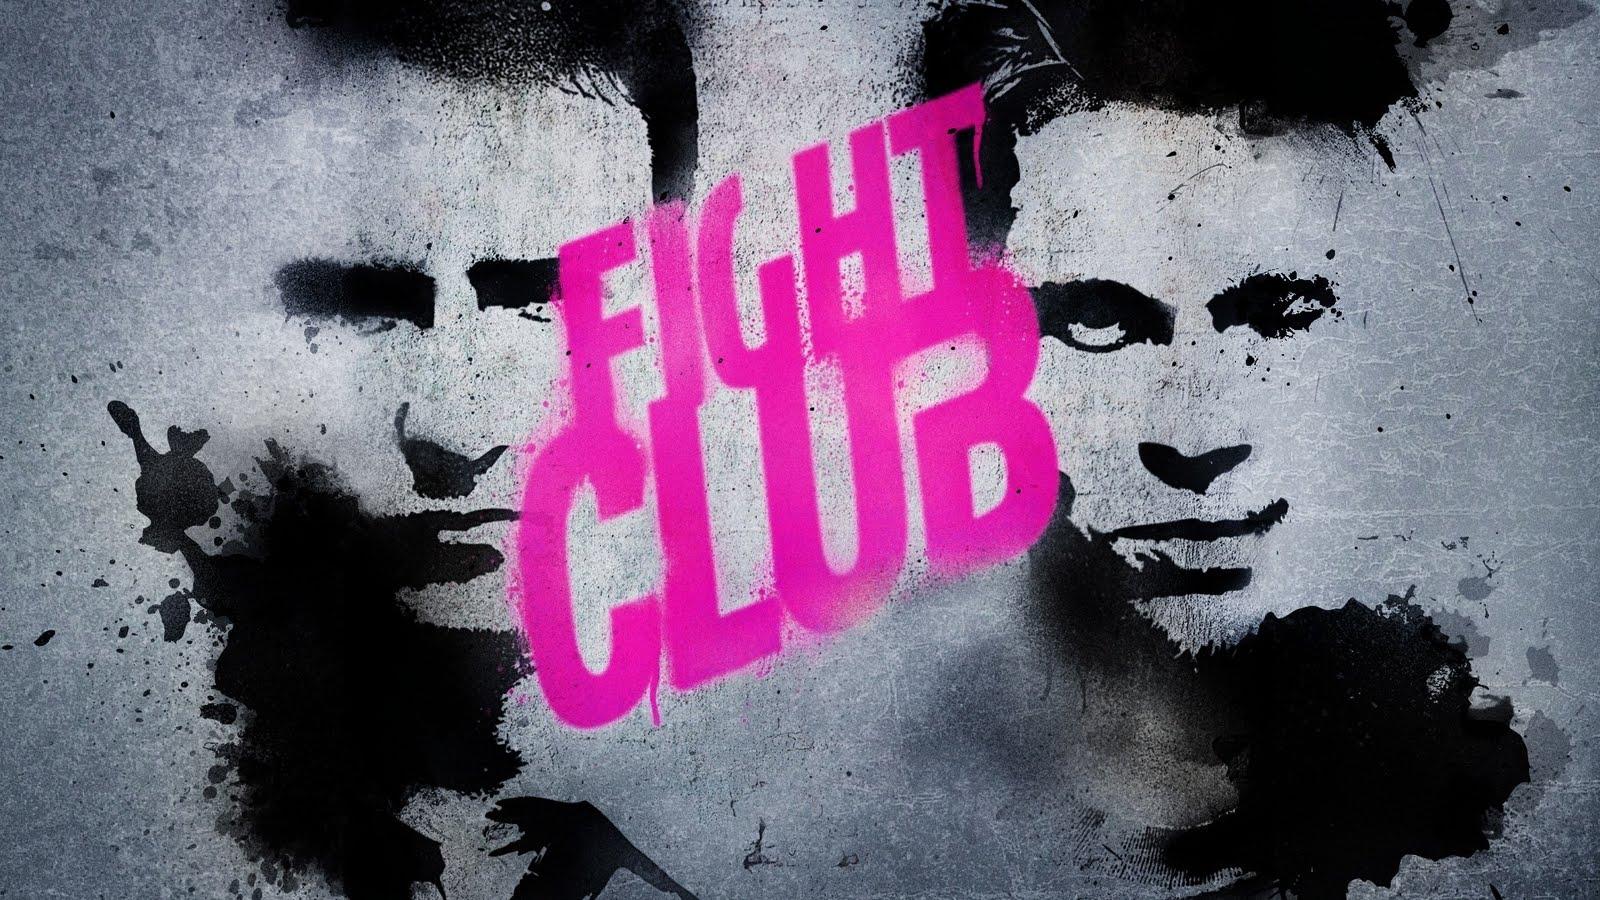 http://4.bp.blogspot.com/-23V-PKj9P0k/Tii4htoif-I/AAAAAAAACSo/hQePH3iVgWU/s1600/tyler_durden_fight_club_wallpaper_3.jpg